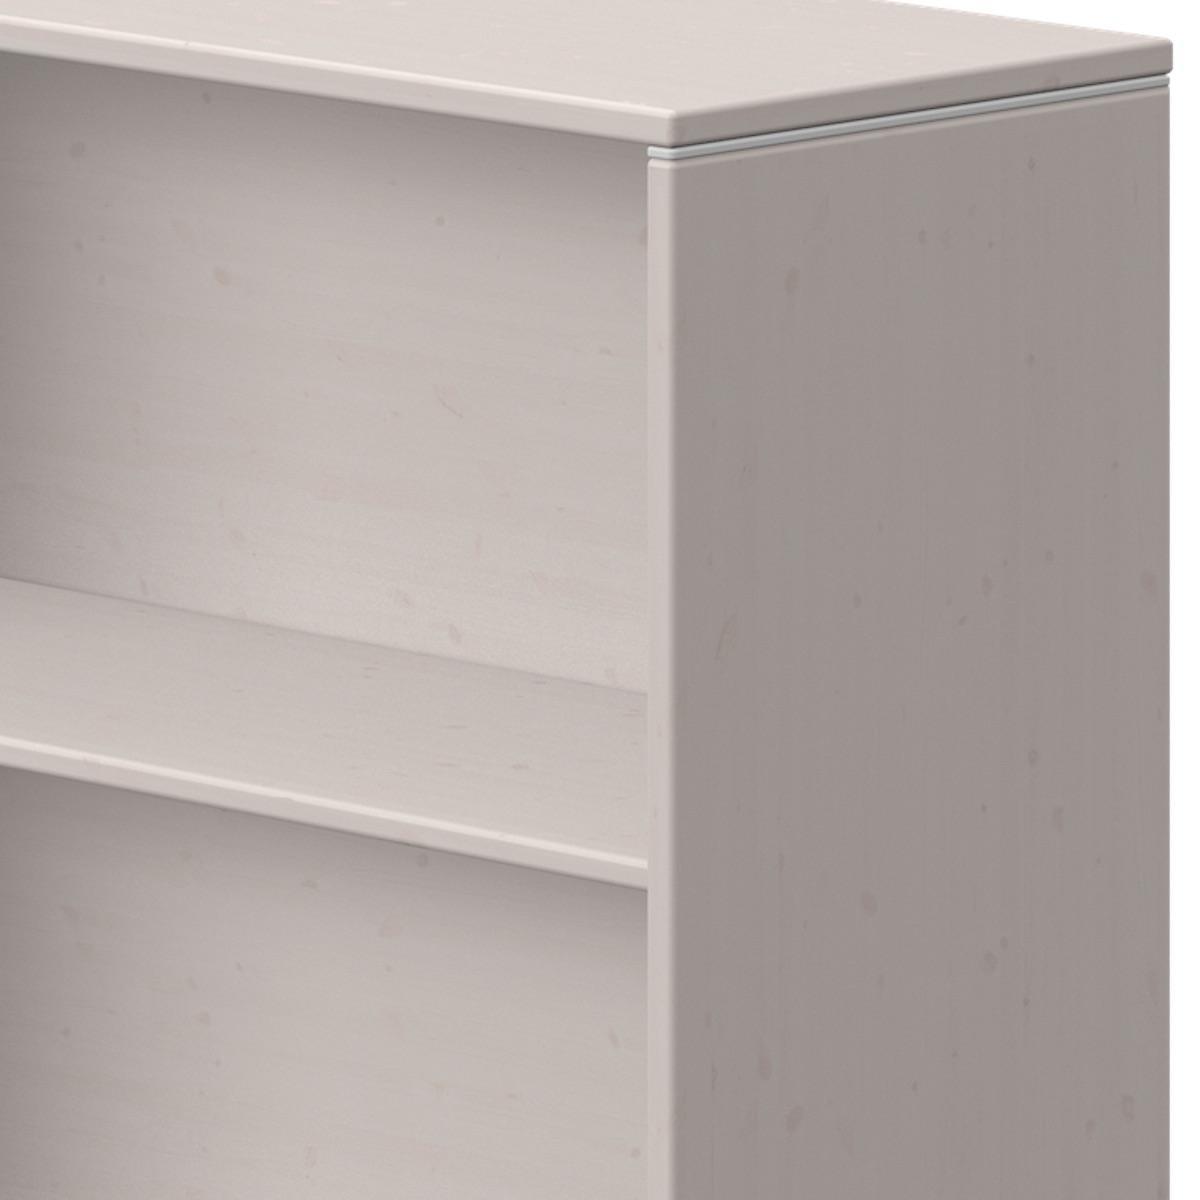 Estantería 63x72cm CLASSIC Flexa grey washed-blanco